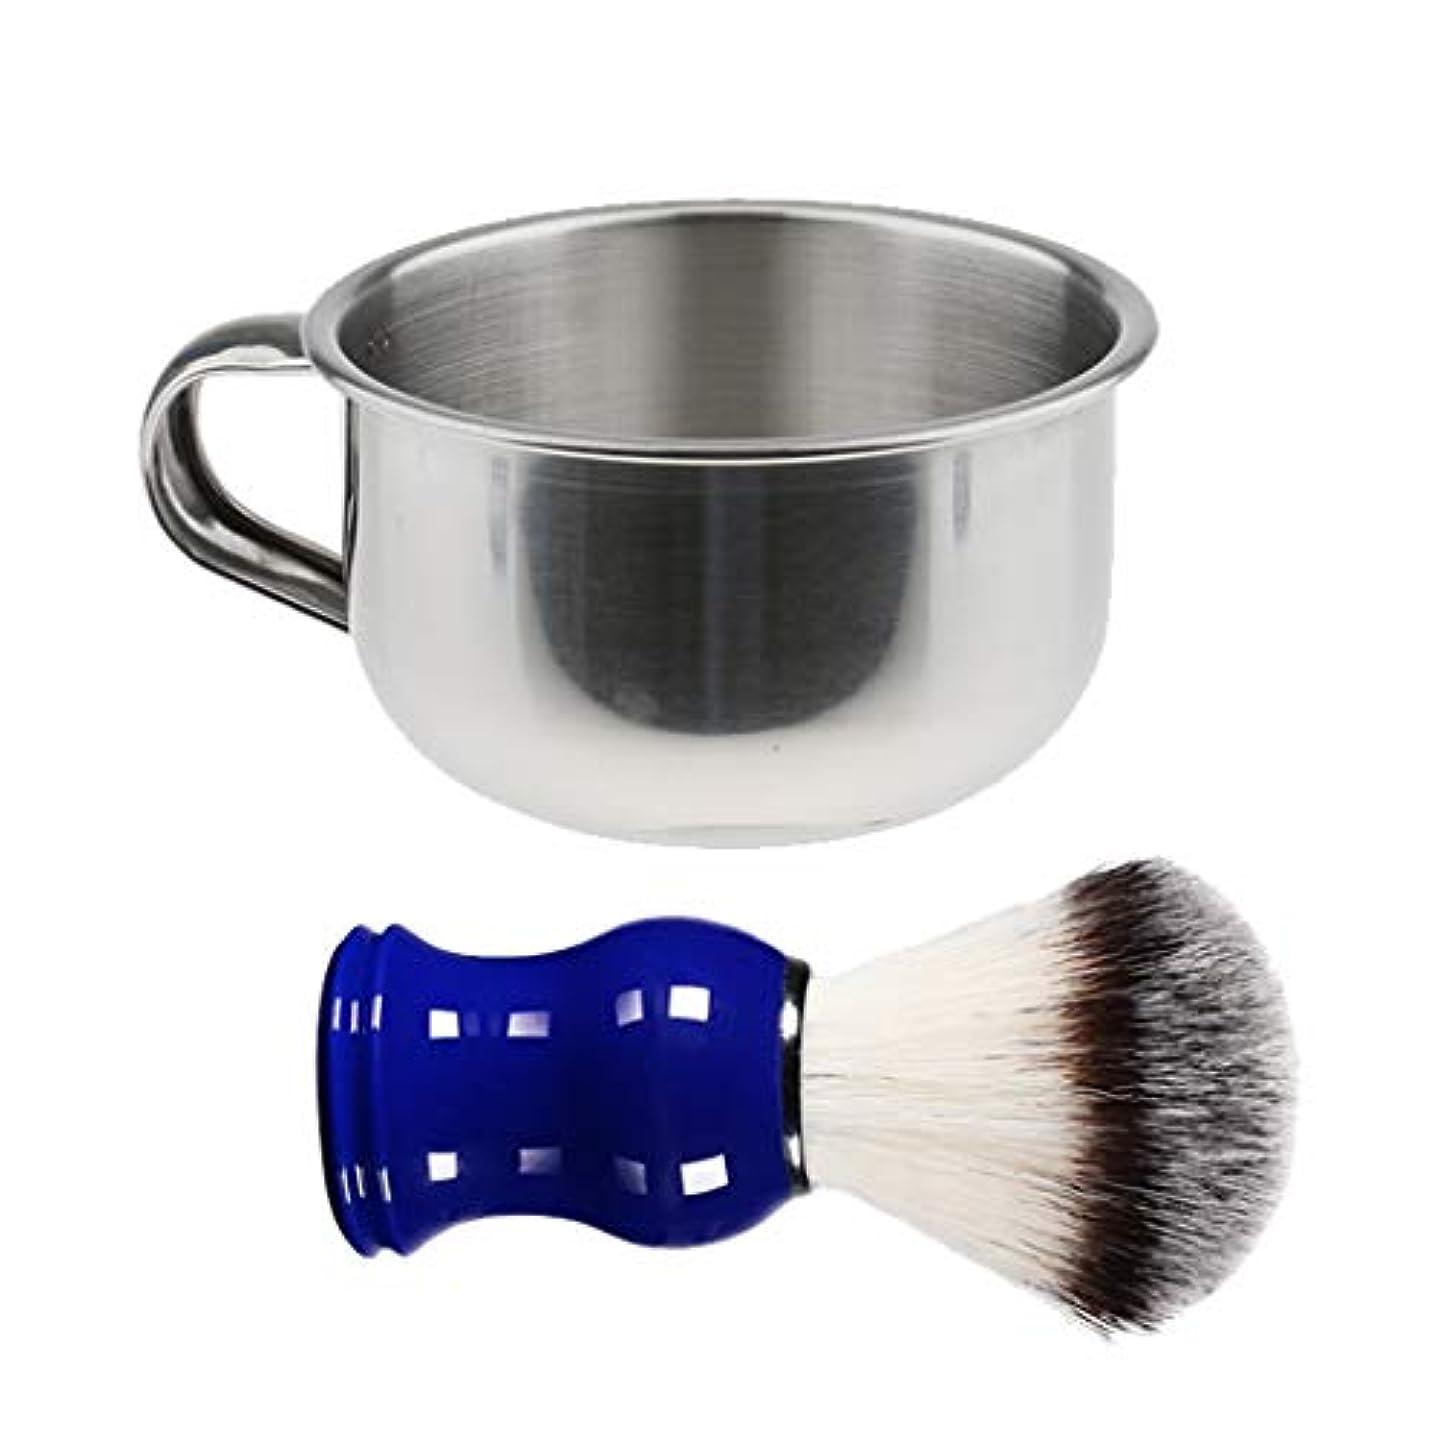 消毒剤スケッチ素晴らしきP Prettyia シェービング マグ ボウル カップ メンズ シェービングブラシ 理容 洗顔 髭剃り 泡立ち ギフト